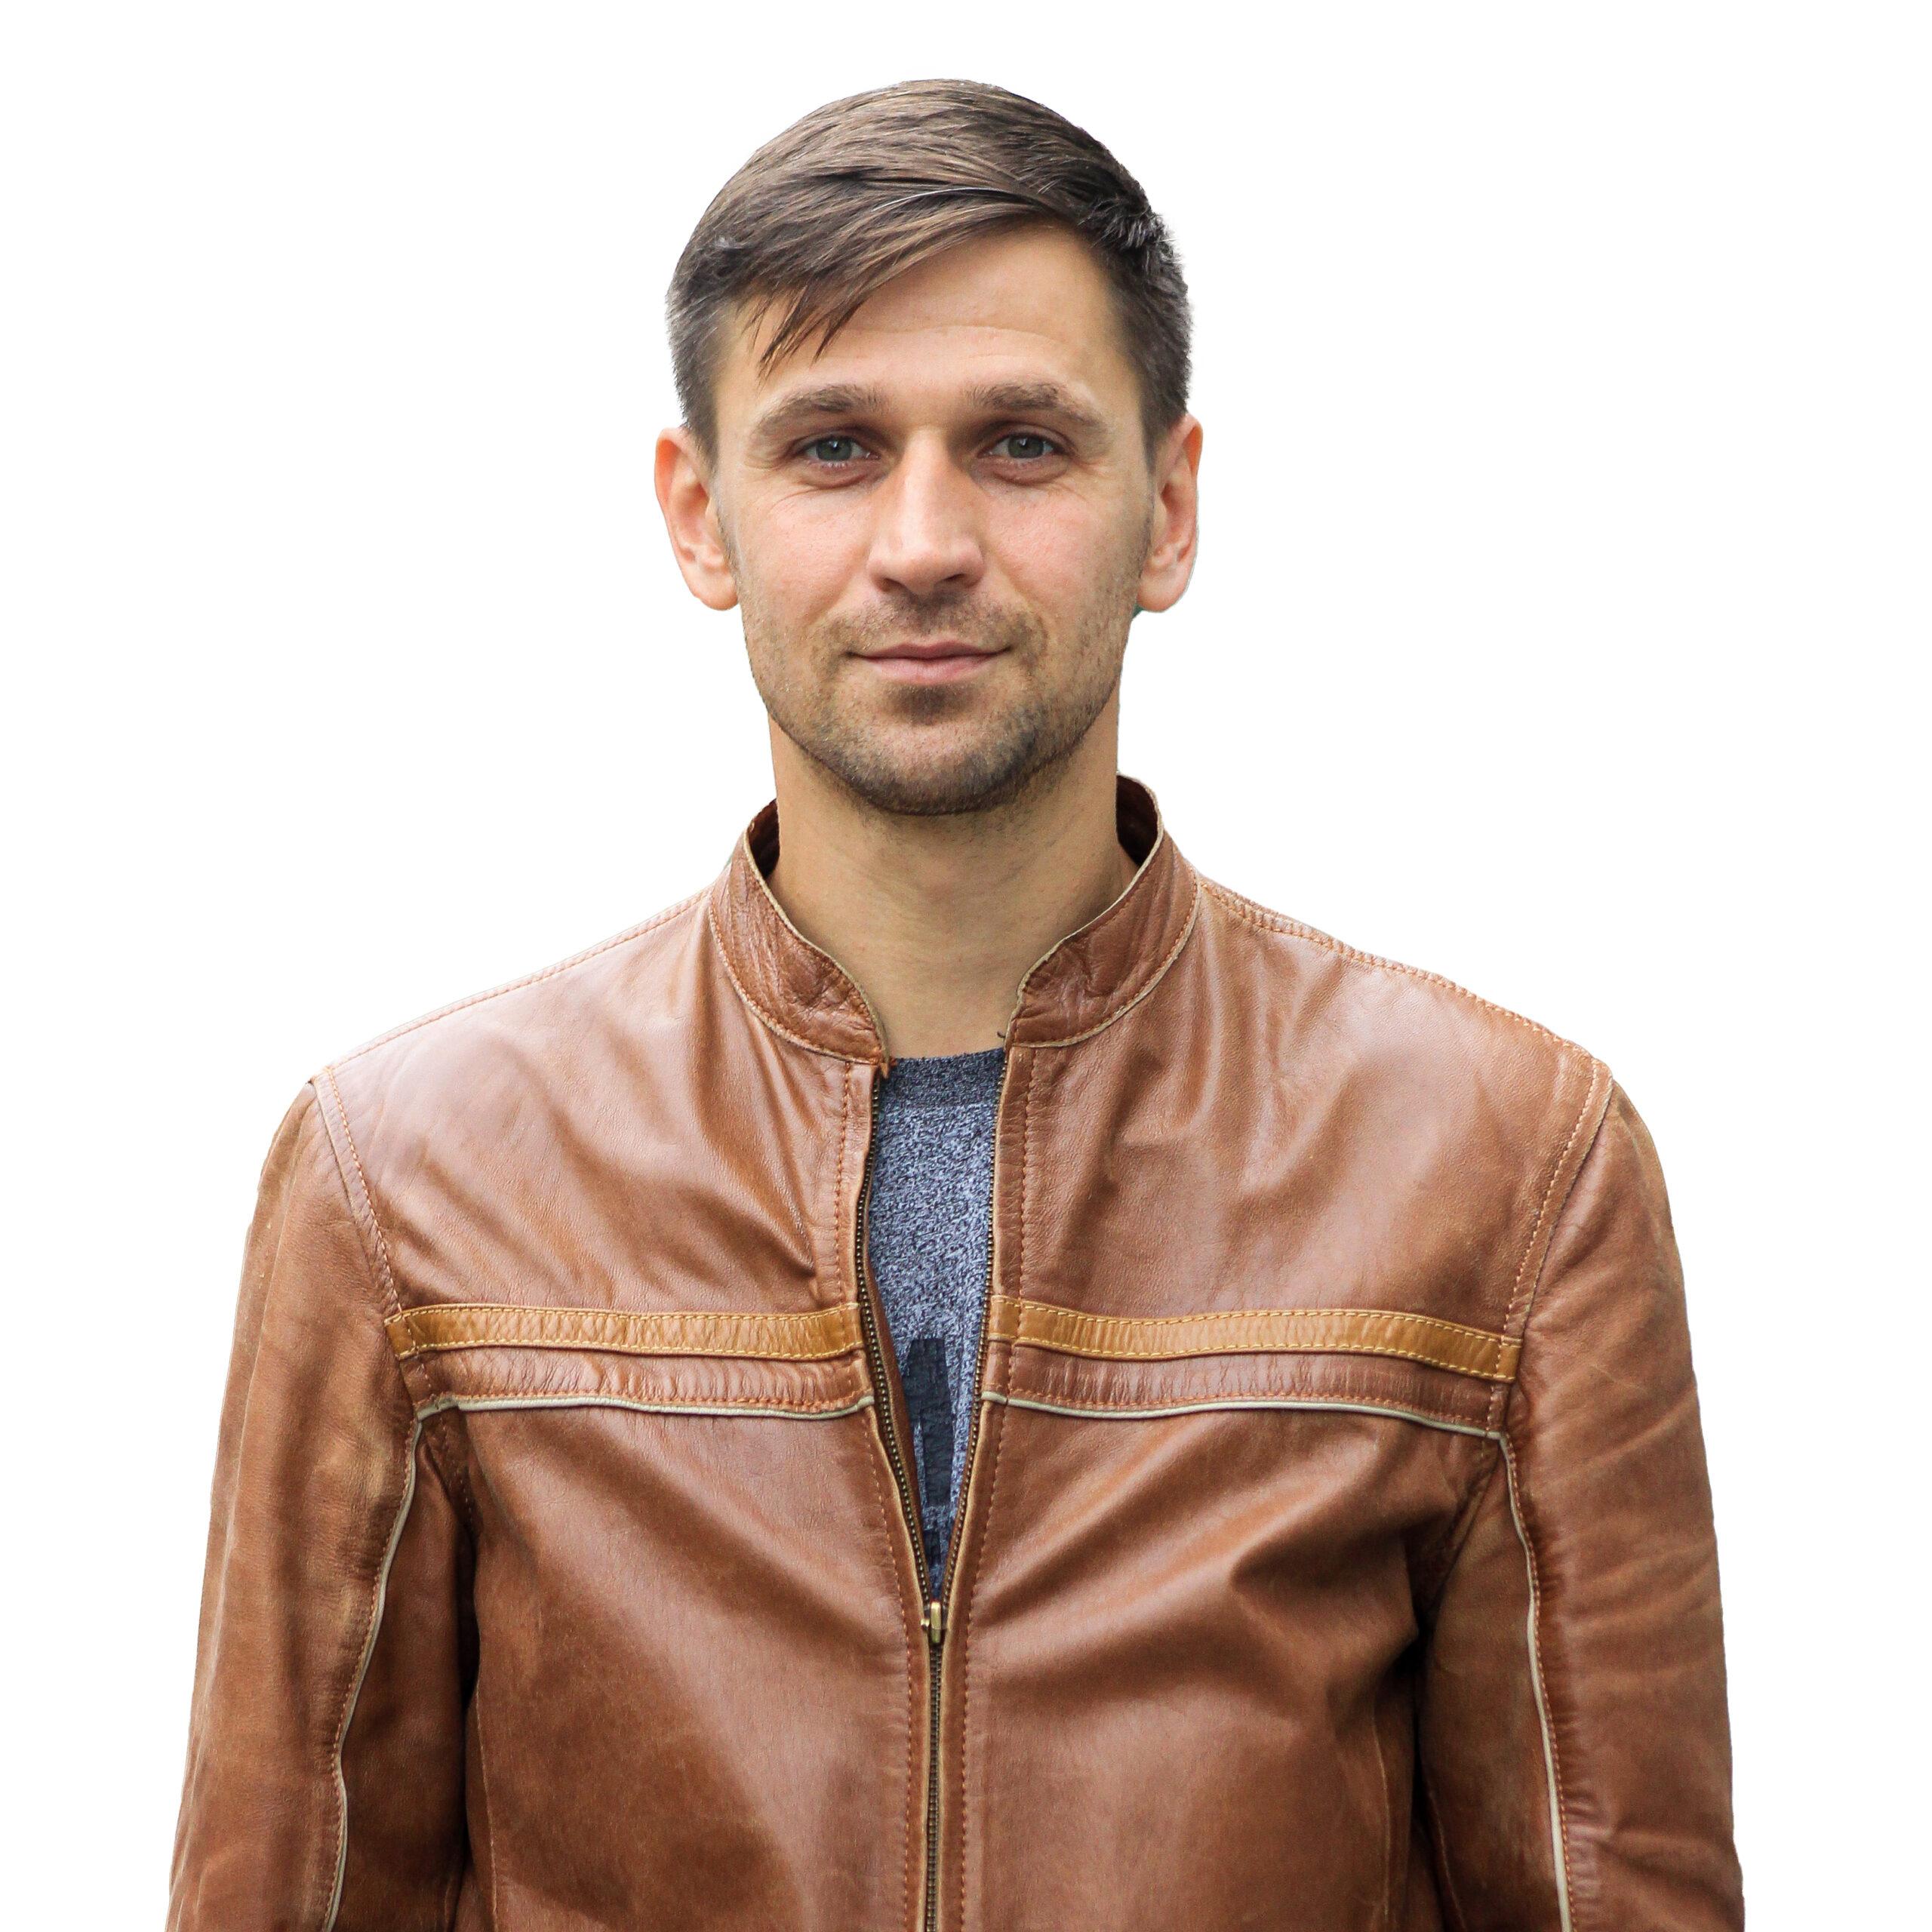 Oleksiy Stetsuk